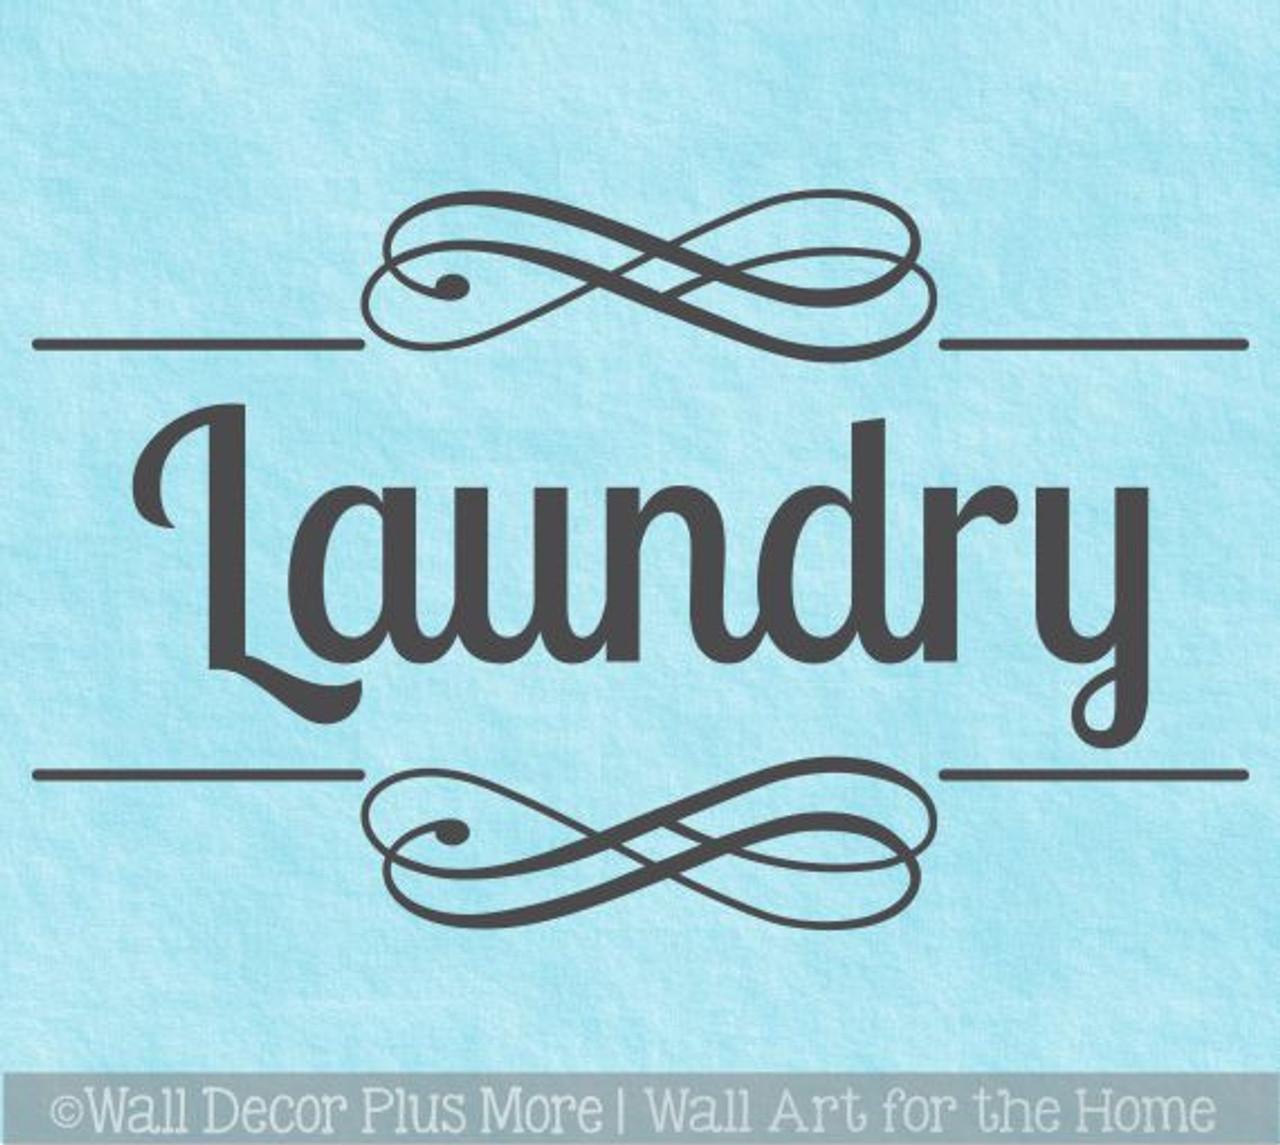 Laundry Room Decals Door Wall Sticker With Swirls Word Vinyl Art Decor